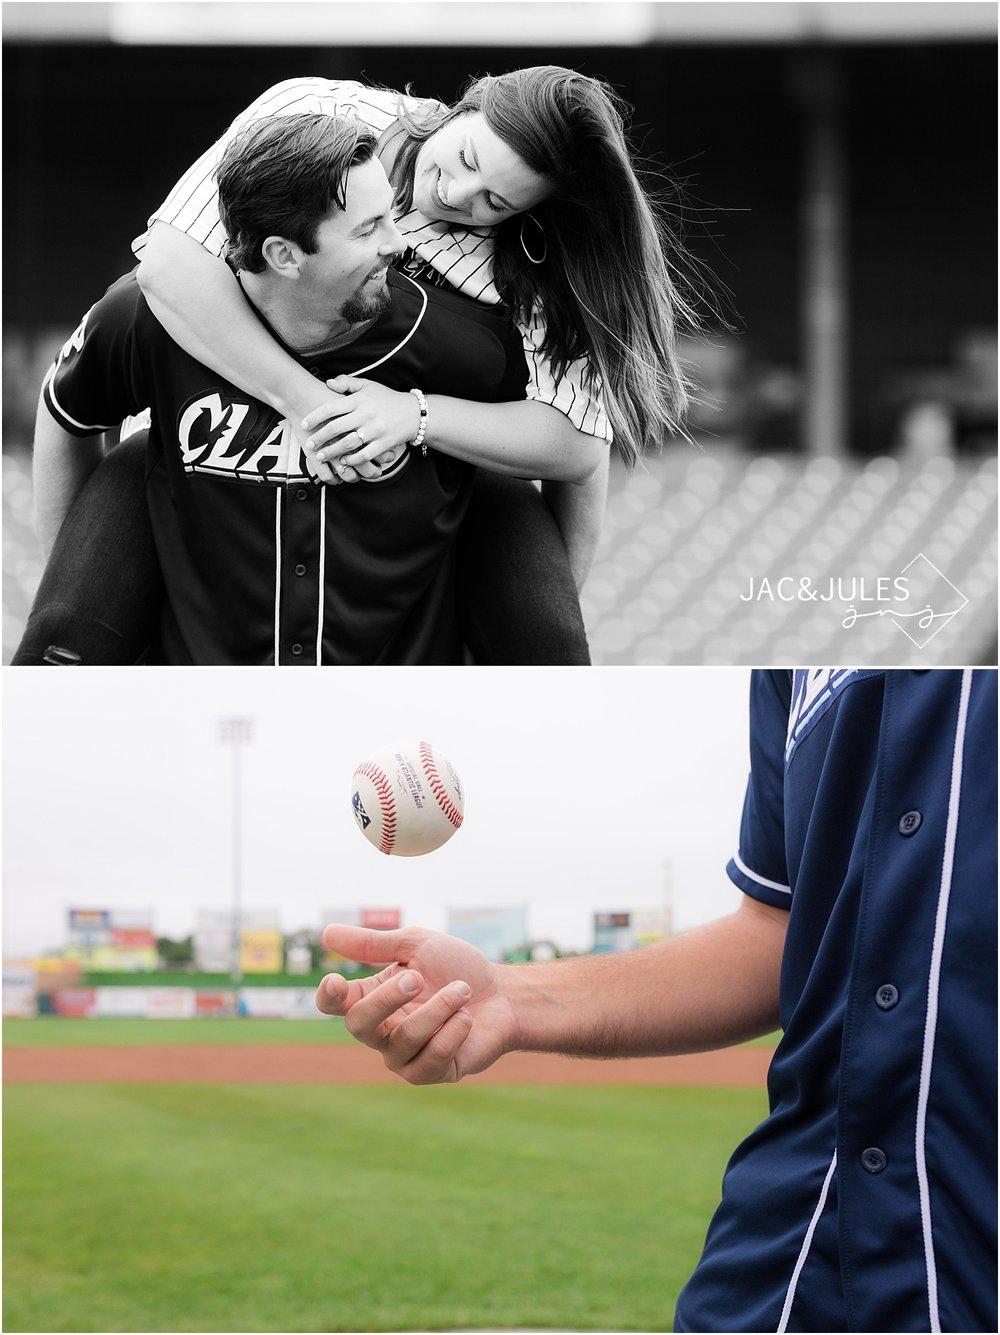 fun engagement photos at baseball field